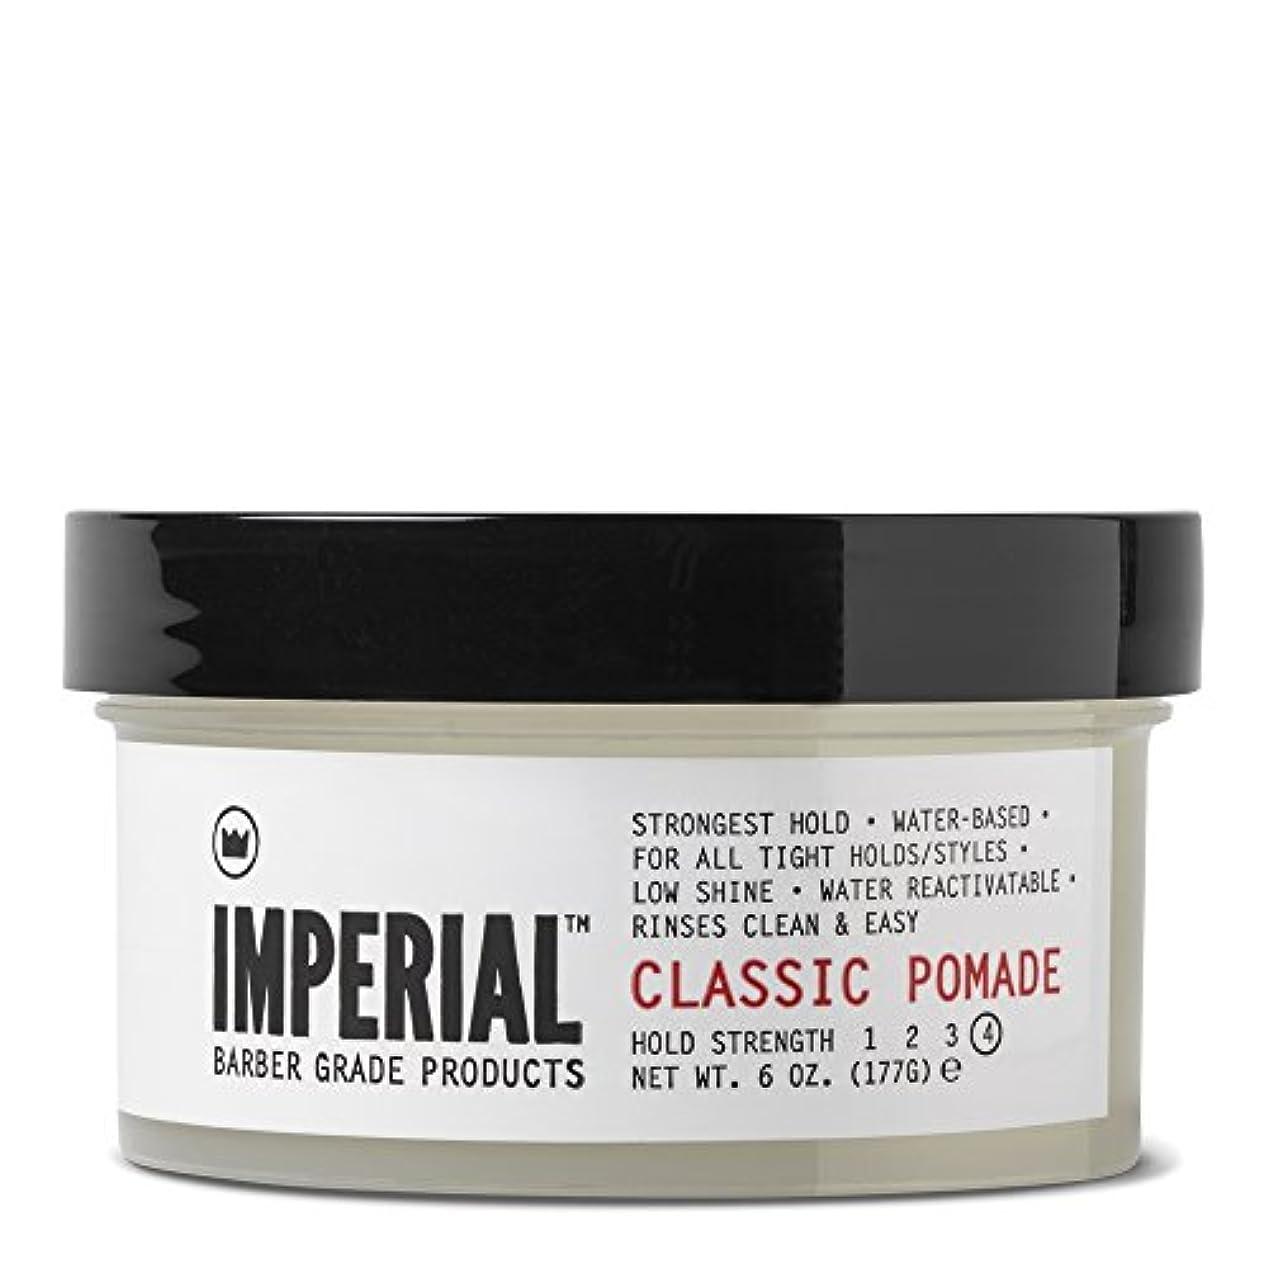 肝チーム永遠にImperial Barber グレード製品クラシックポマード、6オズ。 72.0オンス